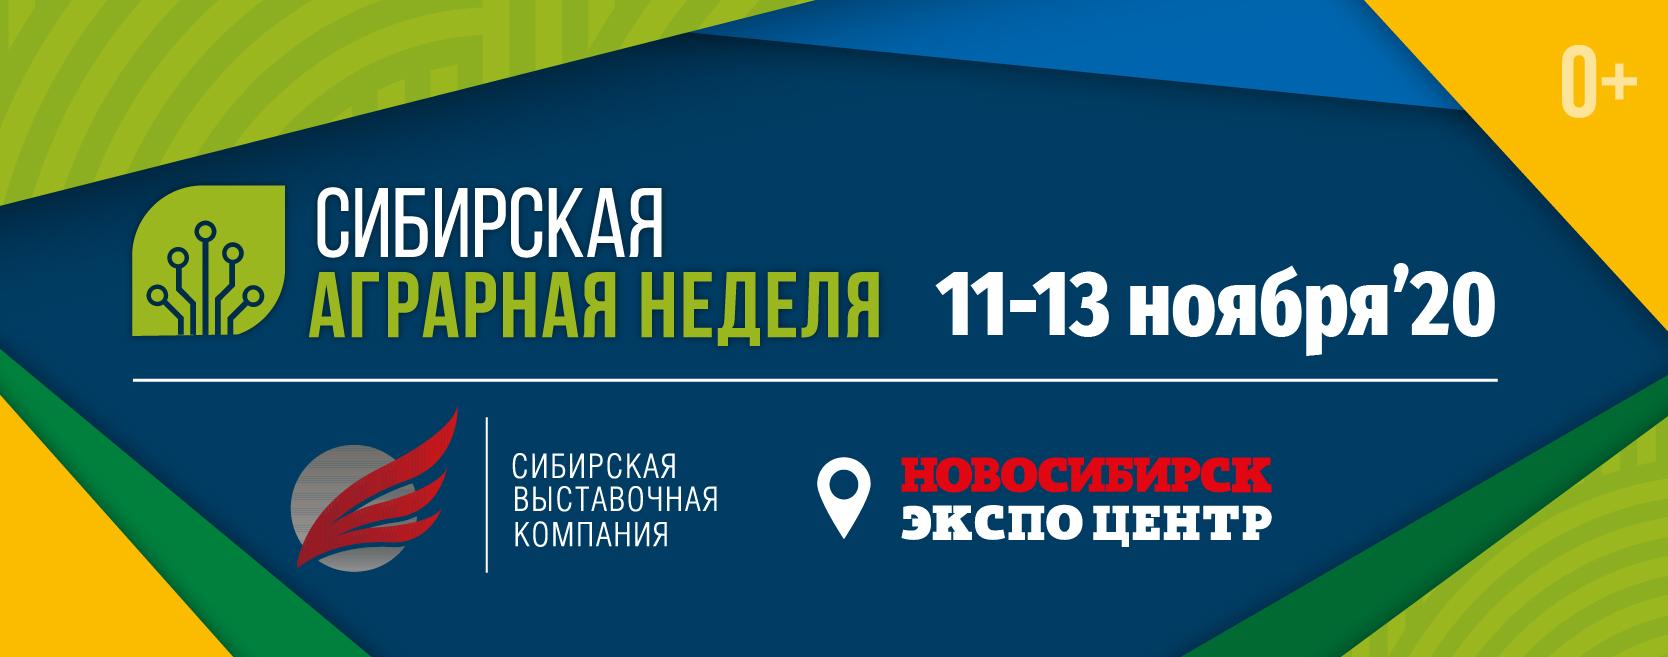 Технологическое и пищевое оборудование  – новый раздел выставки «Сибирская аграрная неделя» – оказалось в центре внимания федеральных властей